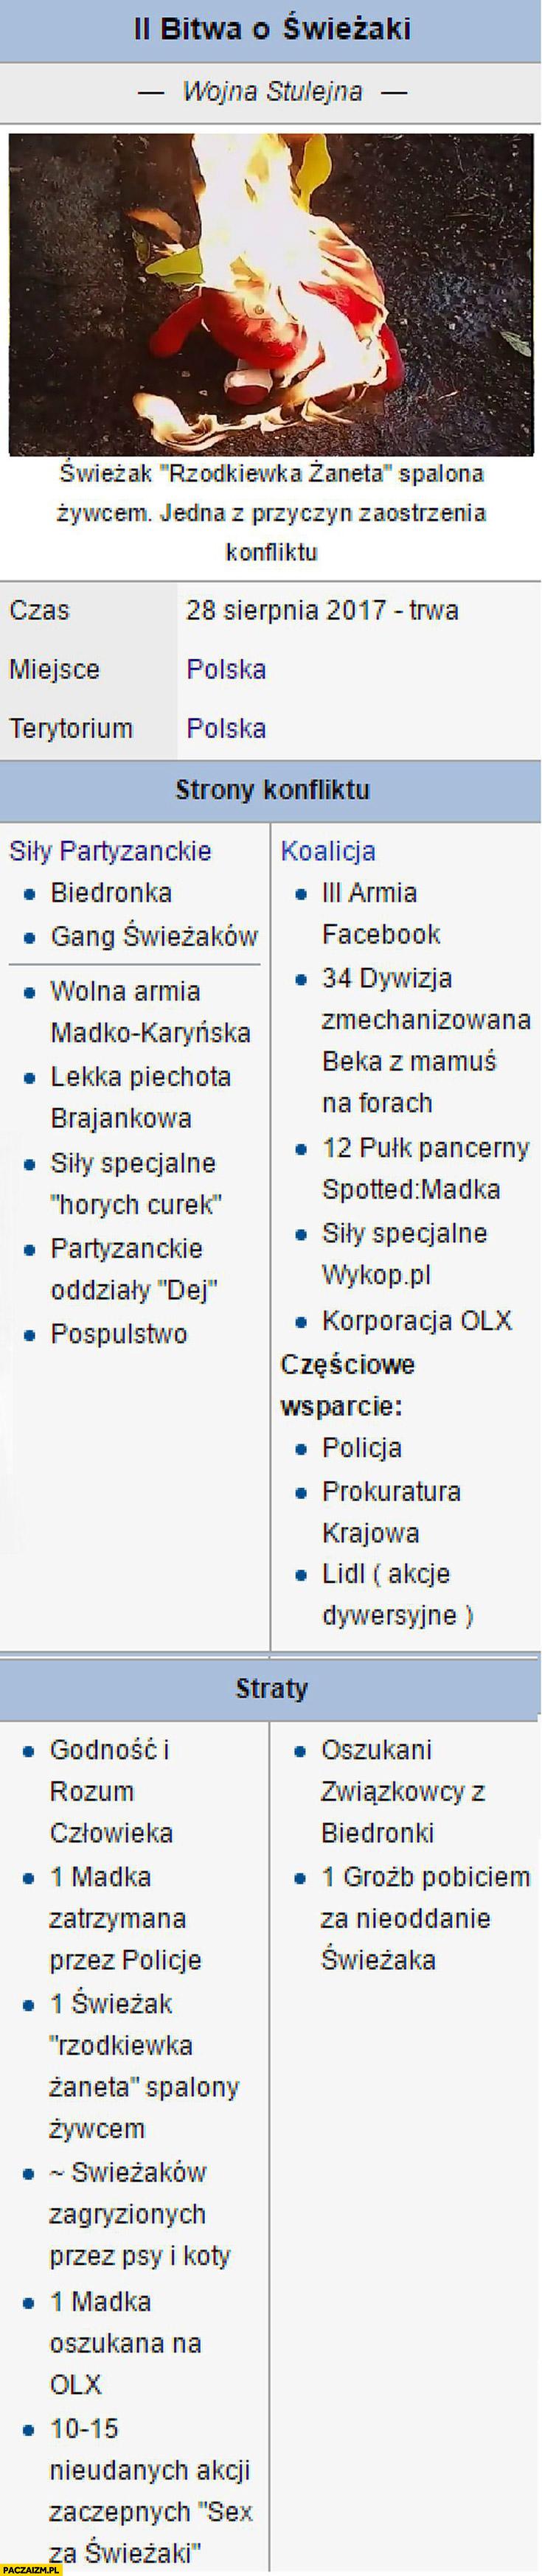 2 bitwa o świeżaki wojna stulejna wpis Wikipedia